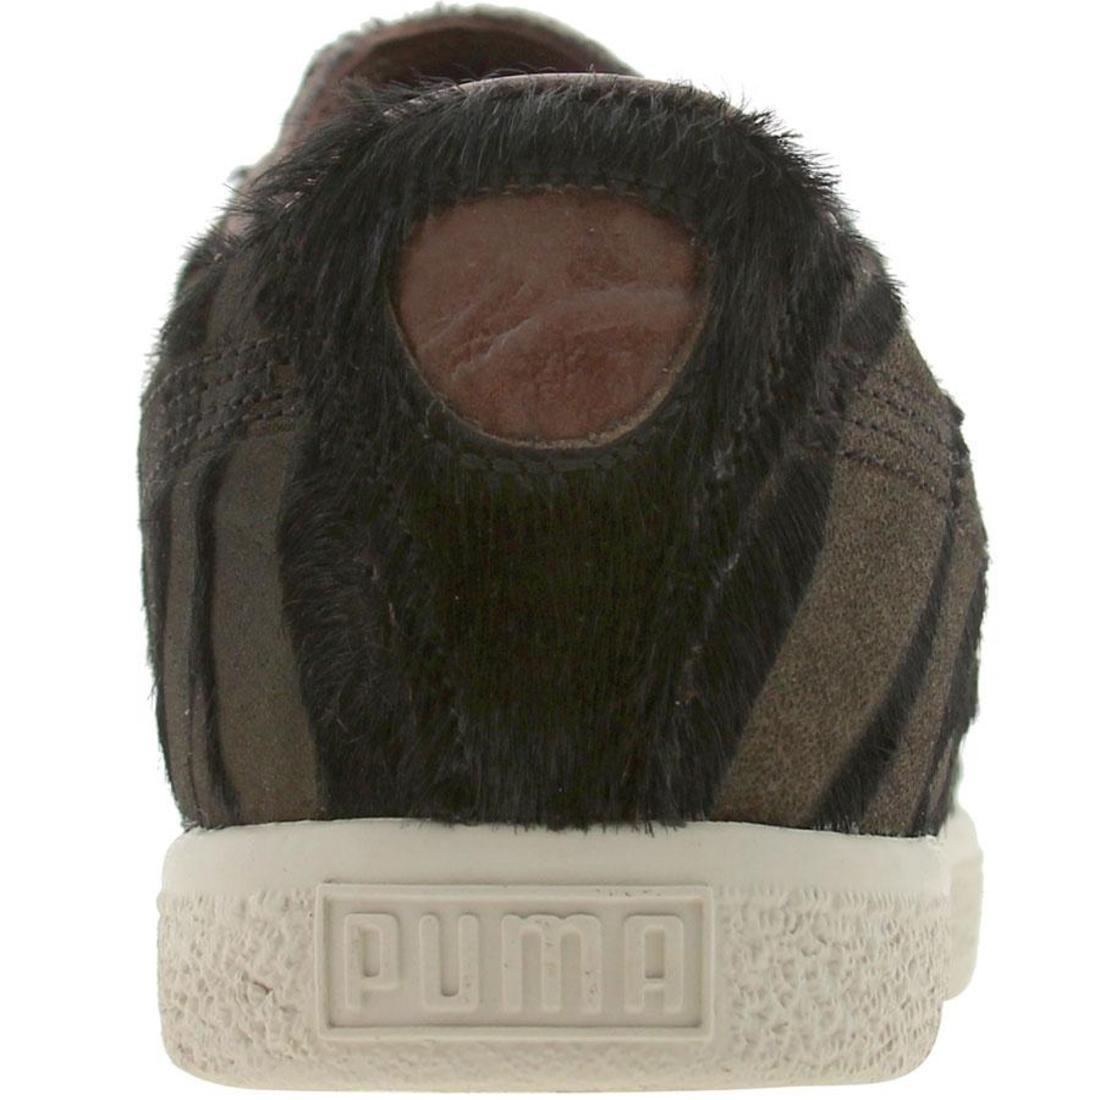 89.99 Puma Clyde Clyde Clyde Jungle lista (Negro/Marrón) 345826-02 7623fa